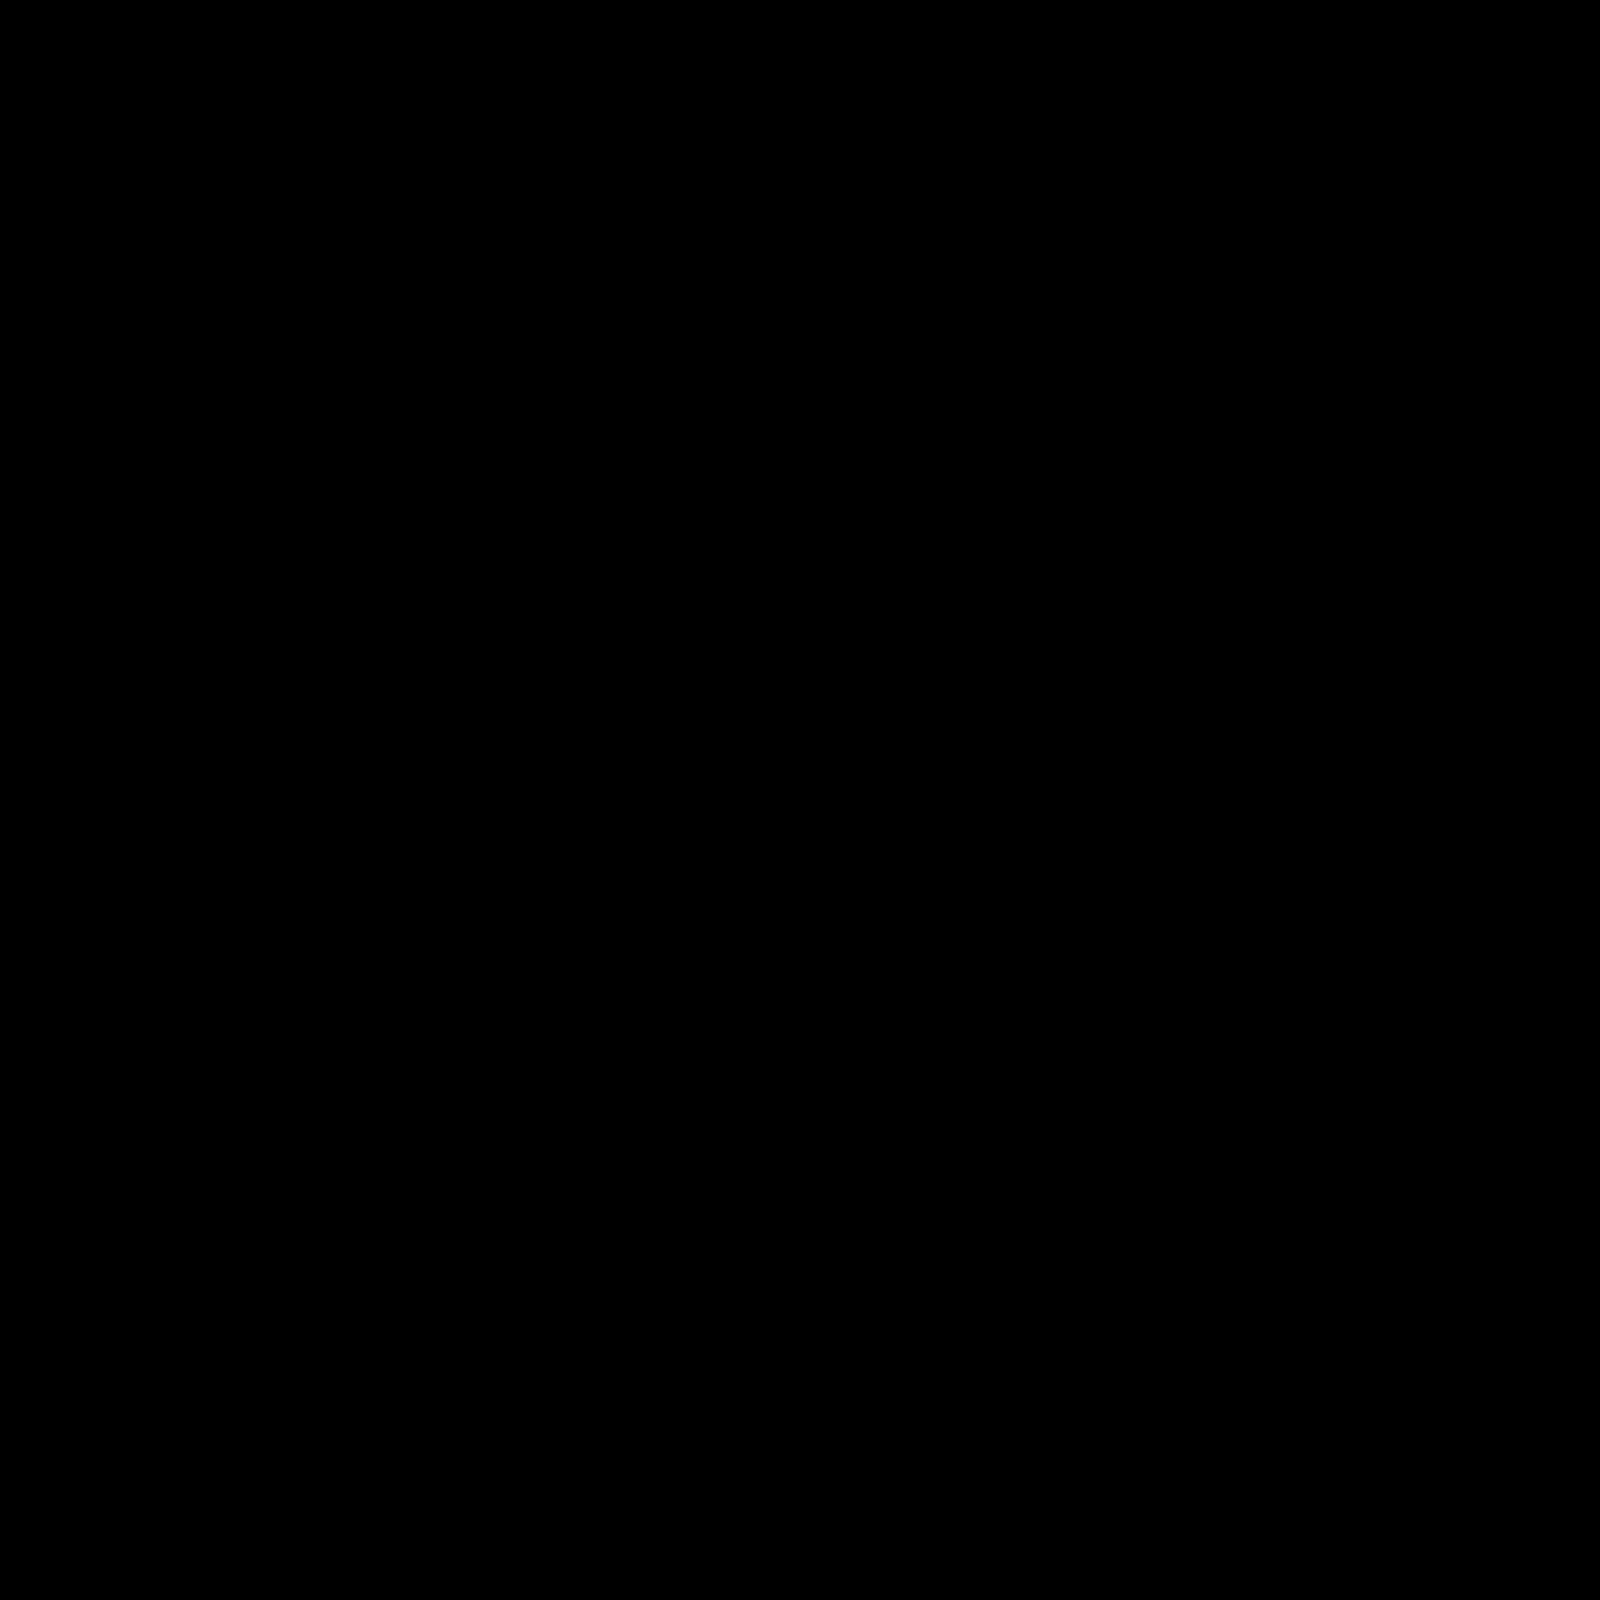 上下反転 icon